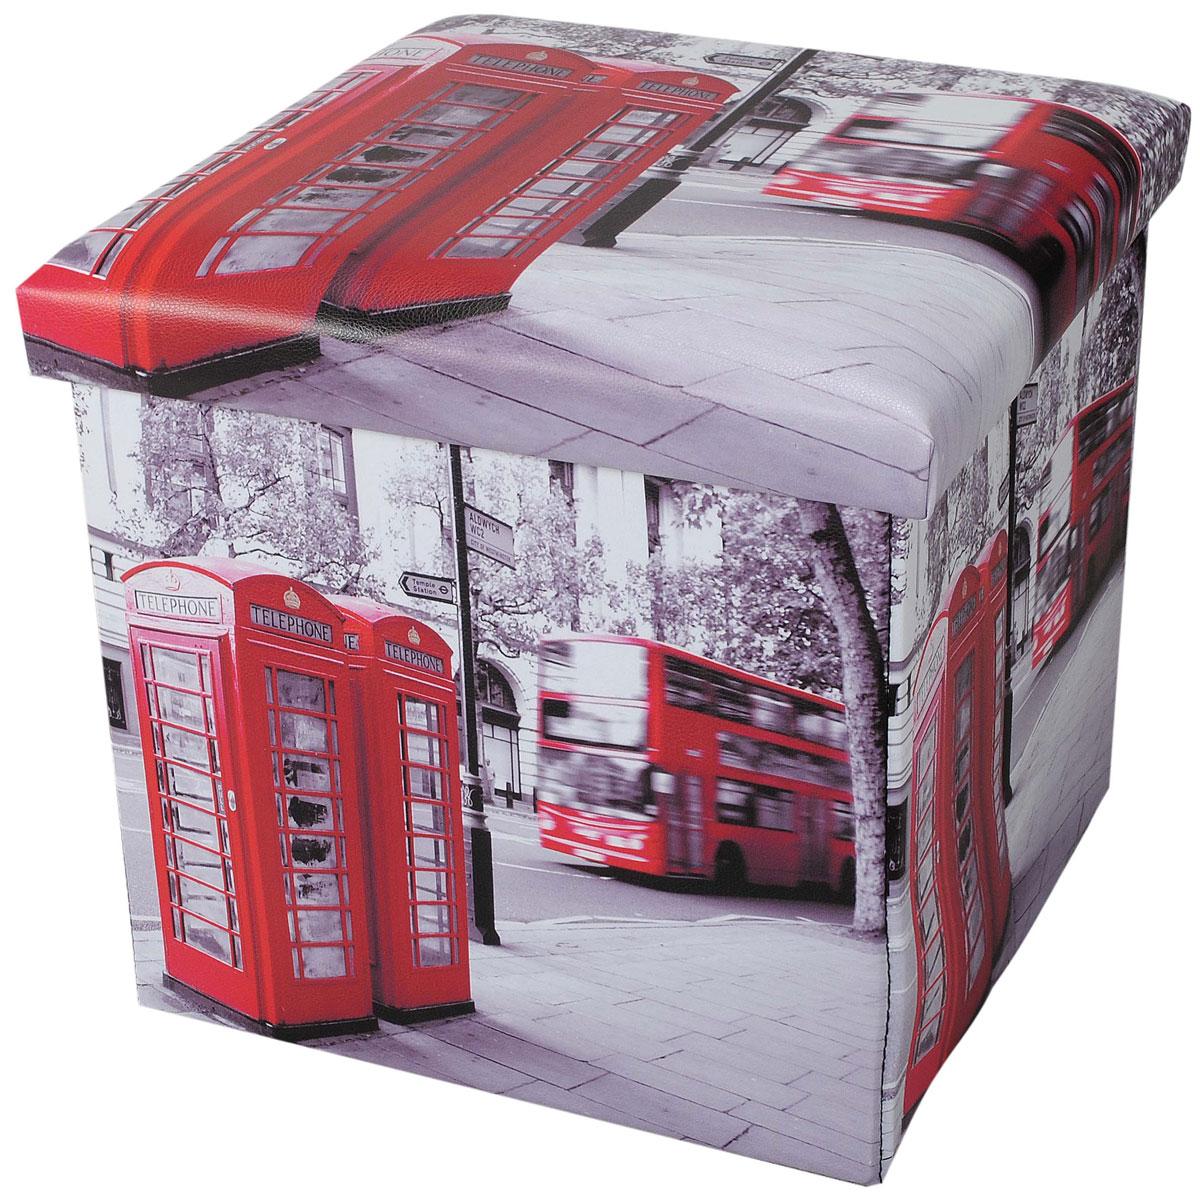 Пуф-короб для хранения HomeMaster Лондон, 38 х 38 х 38 смБрелок для ключейОчаровательный пуф-короб для хранения HomeMaster Лондон - удобный, компактный и стильный предмет интерьера. Изделие отличает актуальный дизайн и многофункциональность. На пуфе комфортно сидеть - он выдерживает вес до 90 кг. Верхняя часть пуфа представляет собой съемную мягкую крышку. Внутри можно хранить небольшие предметы домашнего обихода. Пуф-короб складной, благодаря чему его удобно хранить и перевозить. Такой пуф-короб займет достойное место в вашей гостиной или прихожей, а яркий рисунок с нотками лондонских мотивов впишется практически в любой интерьер.